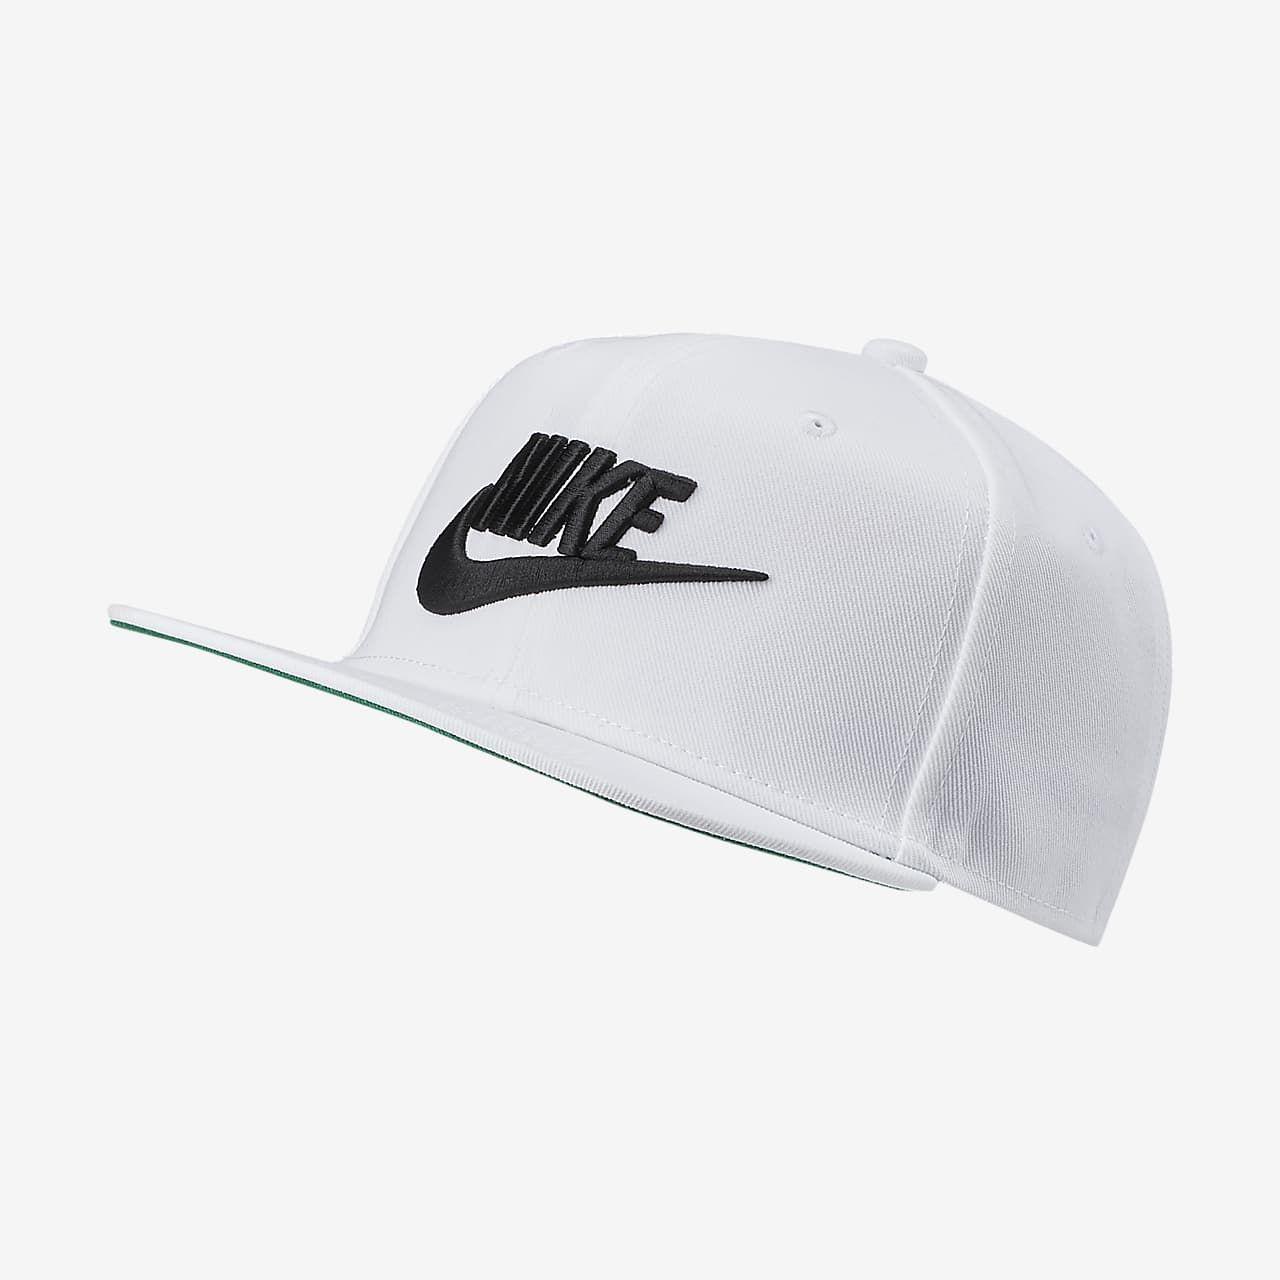 کلاه کپ نایکی مدل SB PRO VINTAGE -  - 2